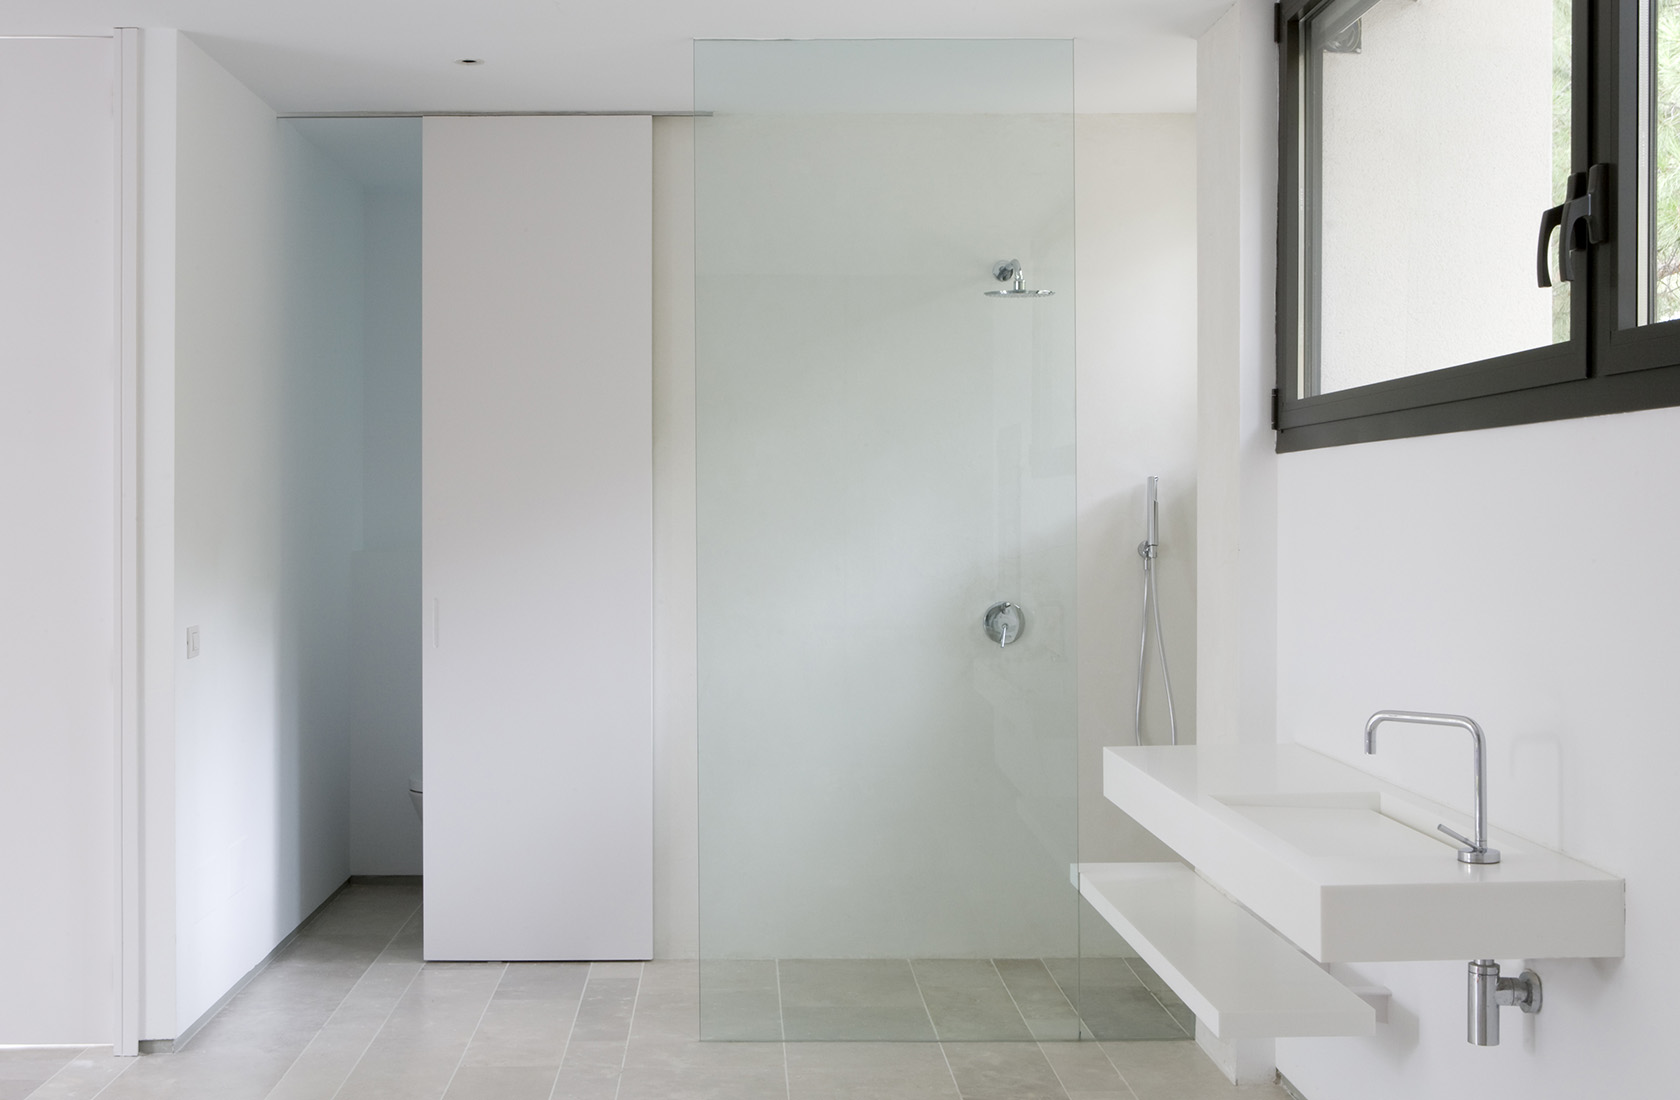 Baño principal del showroom de ÁBATON Arquitectura